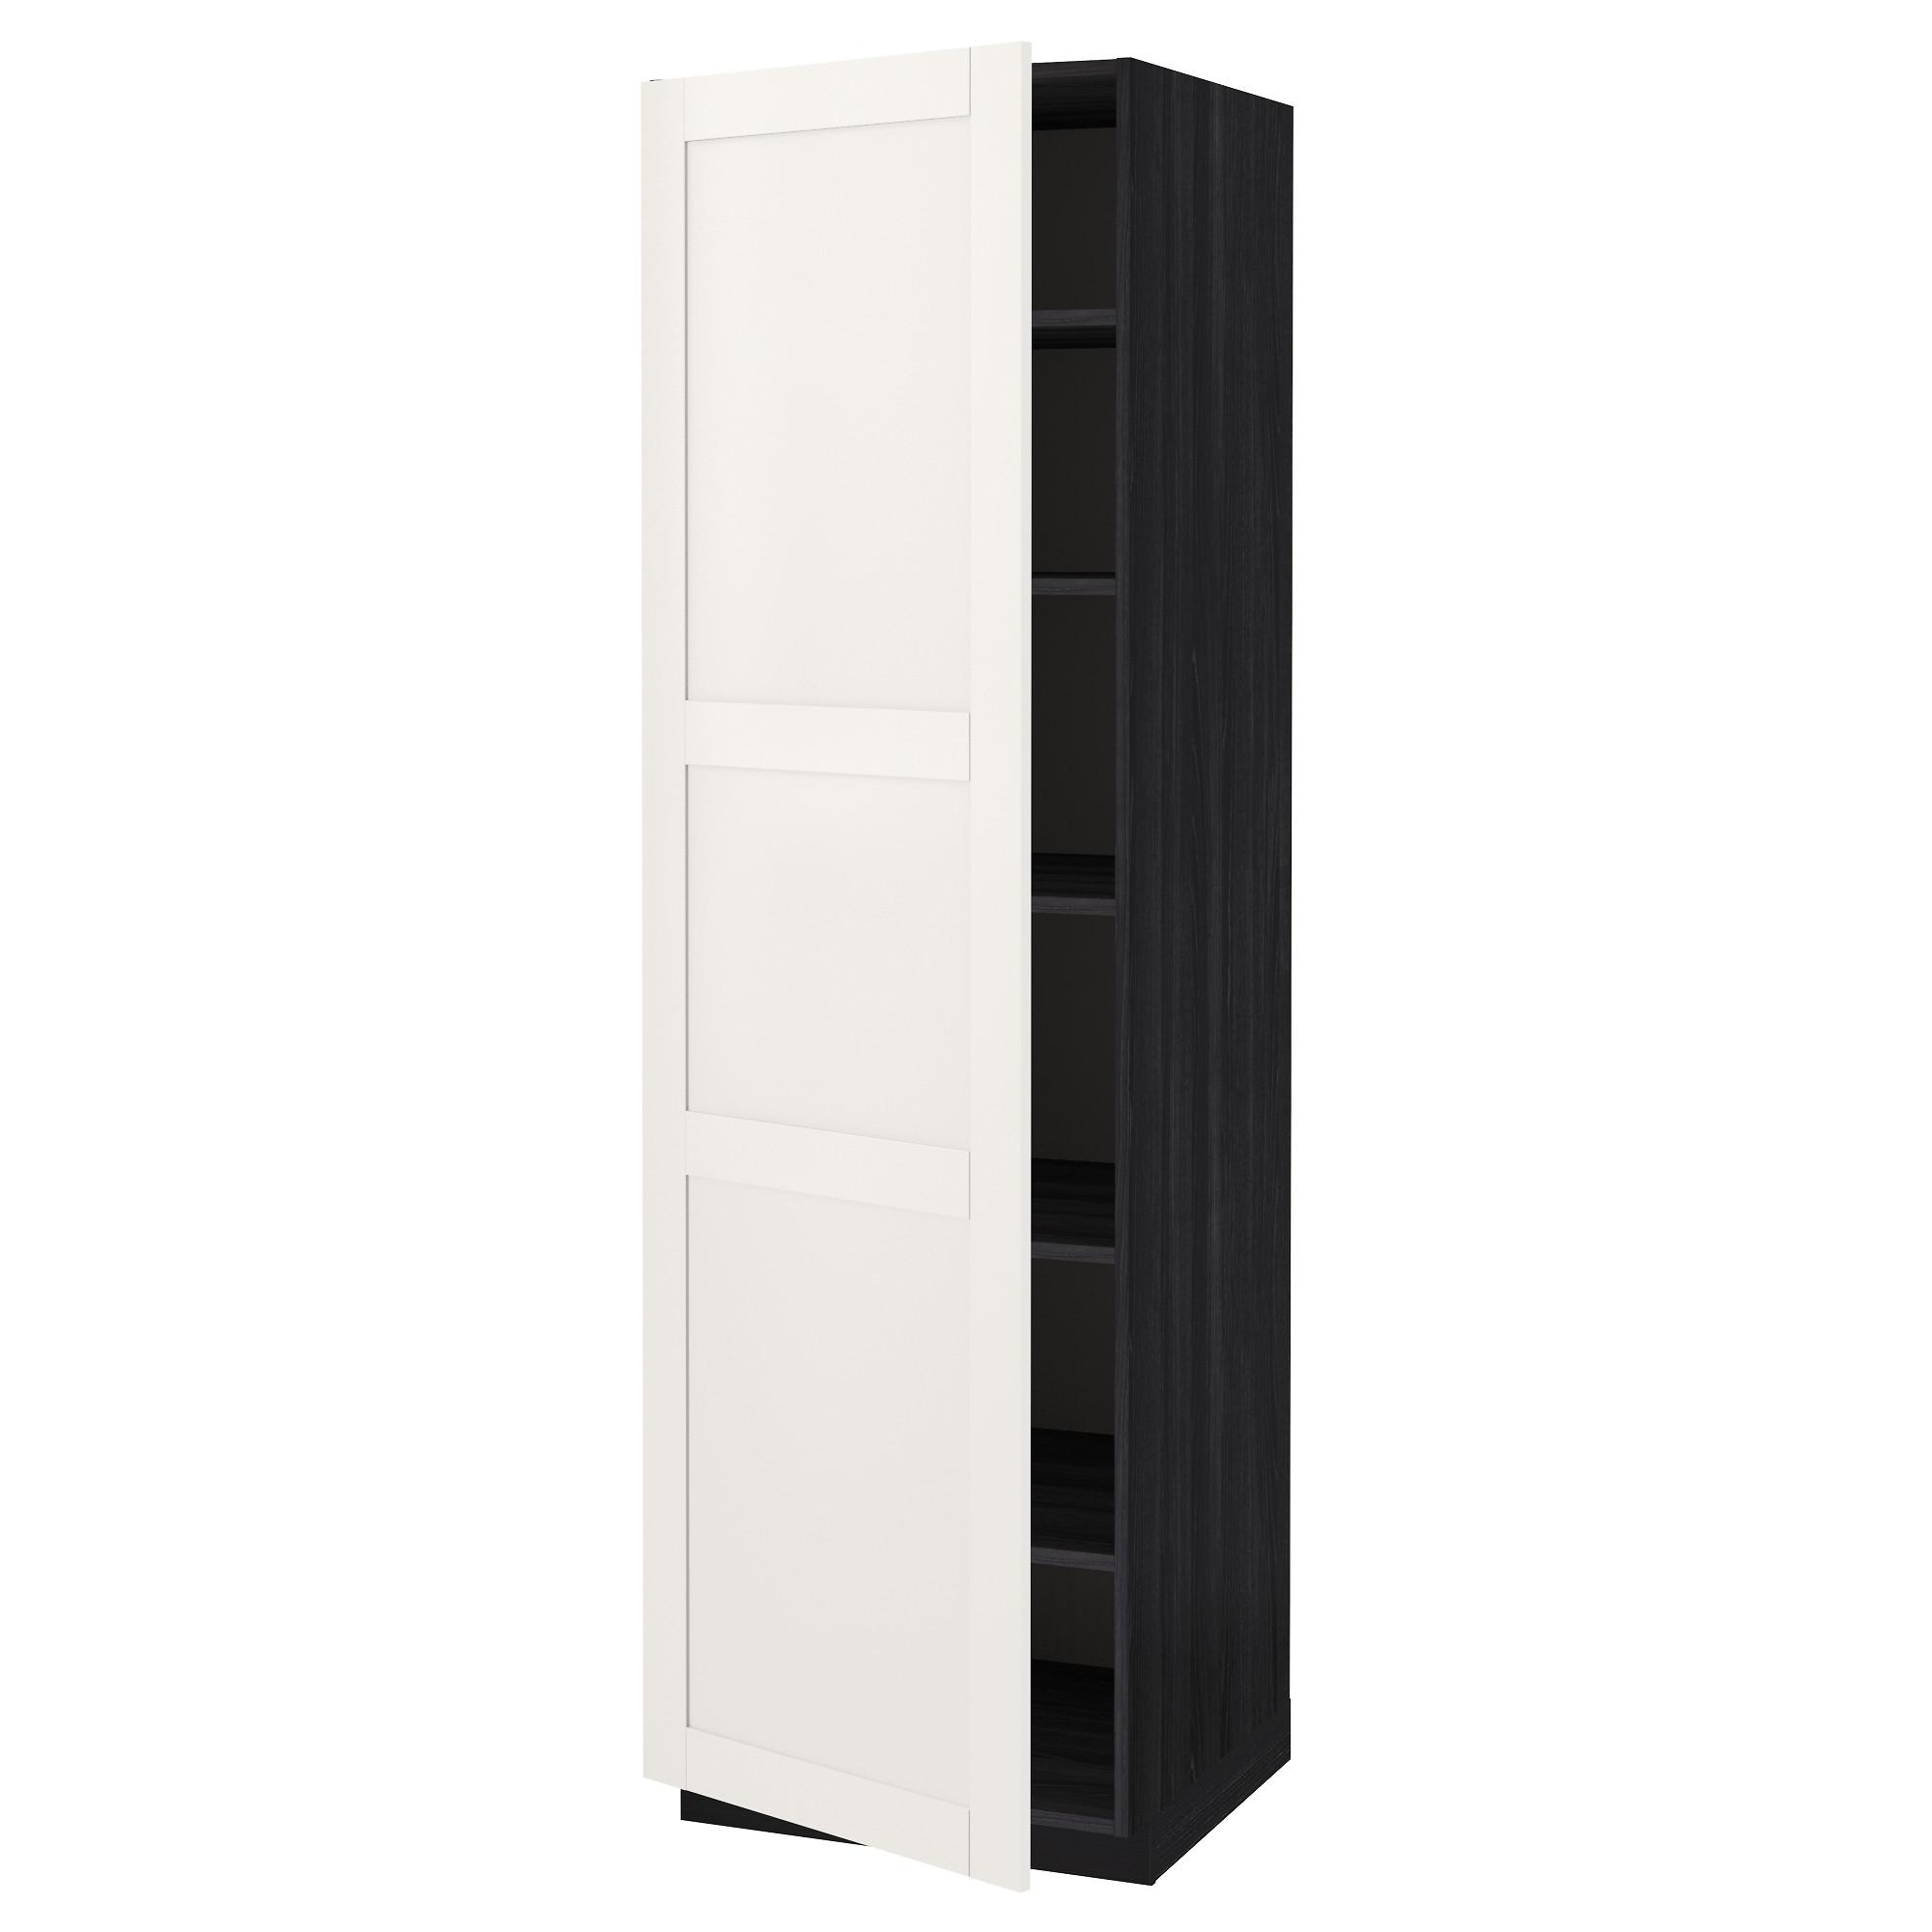 Высокий шкаф с полками МЕТОД черный артикуль № 092.230.58 в наличии. Online магазин IKEA Минск. Недорогая доставка и соборка.